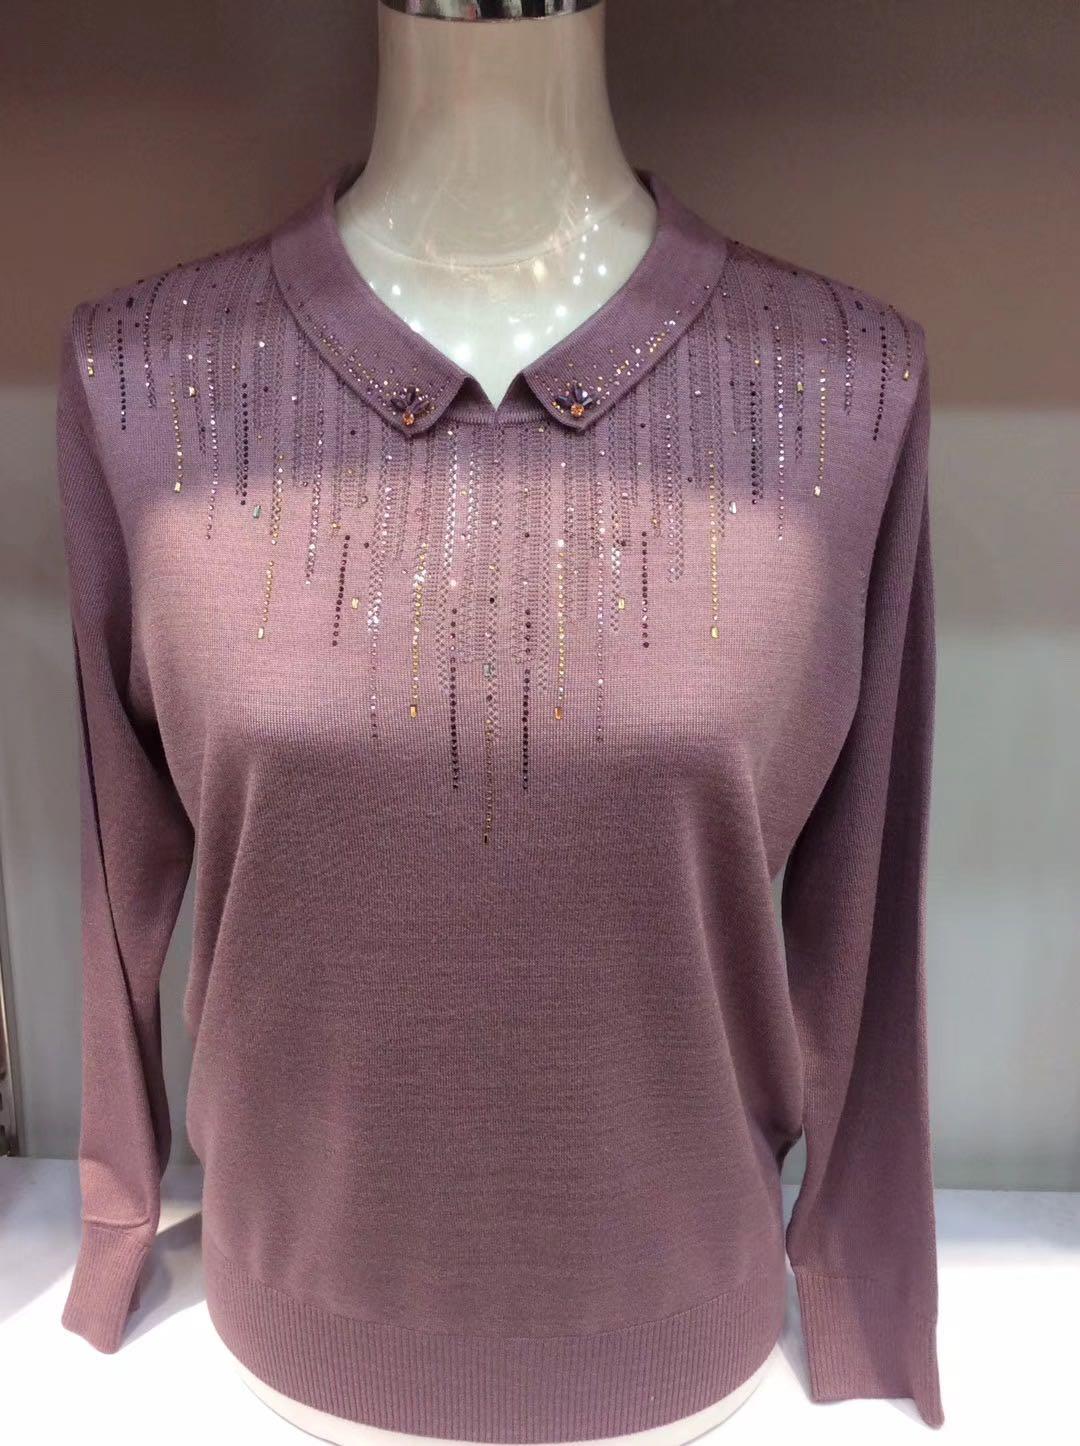 中年春装上衣高贵针织妈妈洋气T恤中老年女薄款毛衣长袖打底小衫